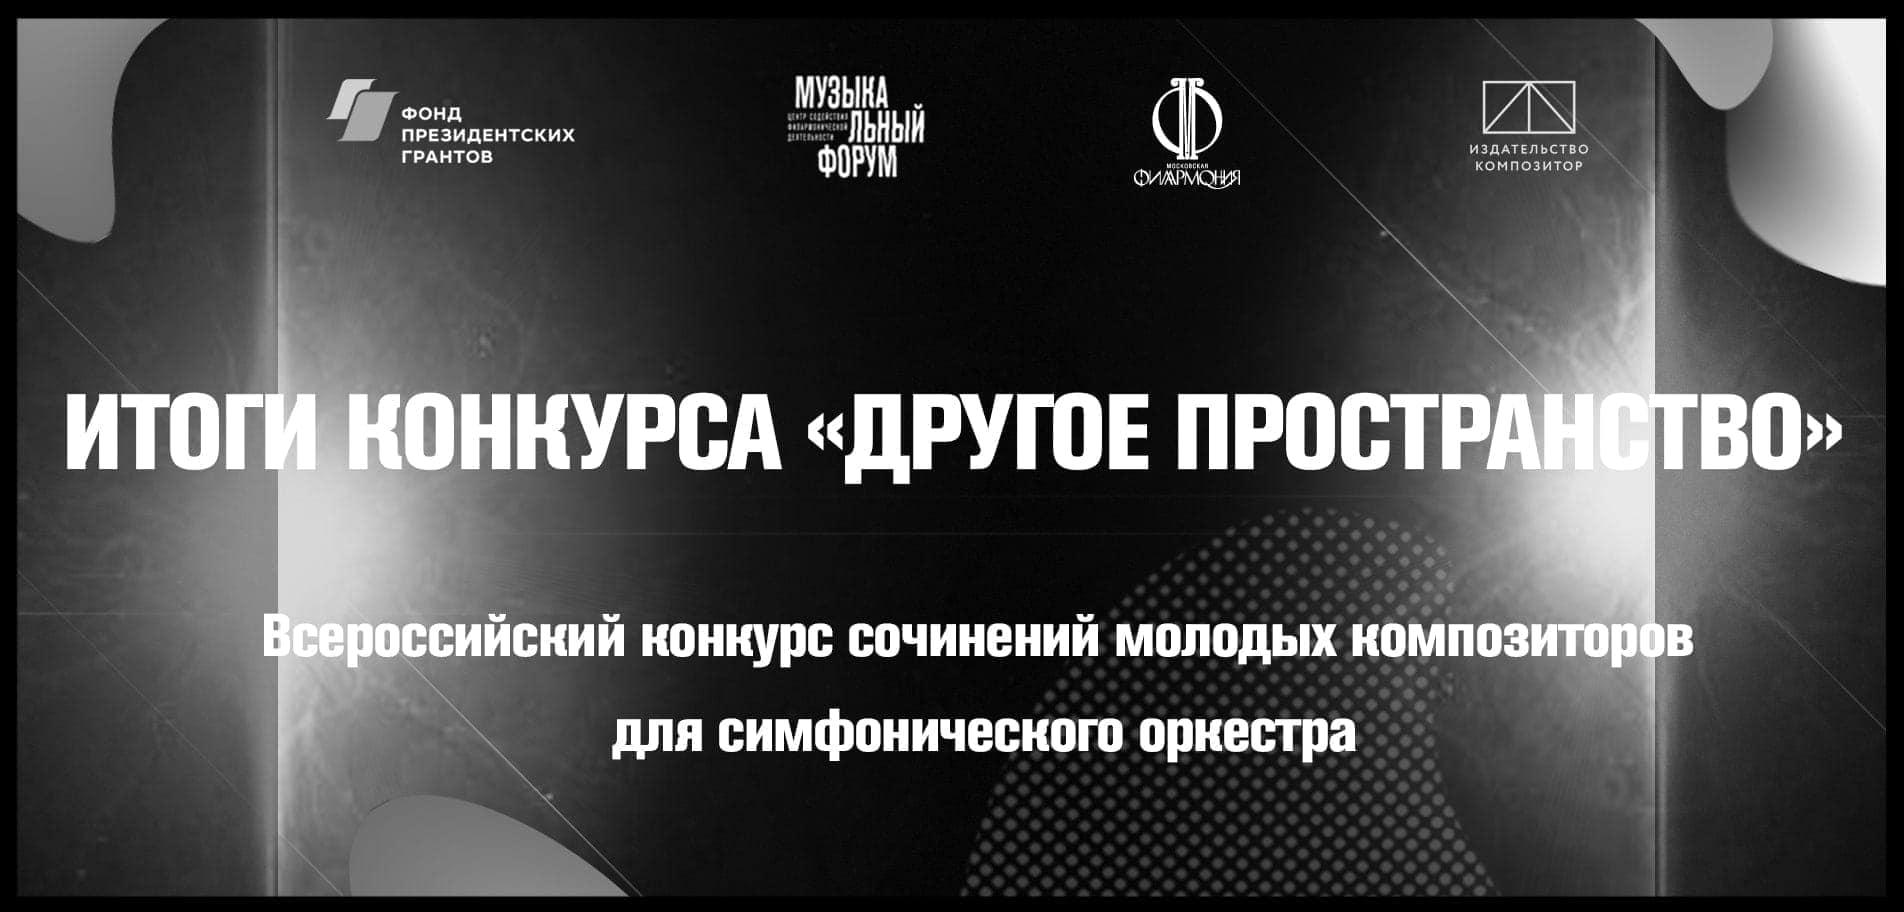 Всероссийский конкурс сочинений молодых композиторовдля симфонического оркестра «Другое пространство»